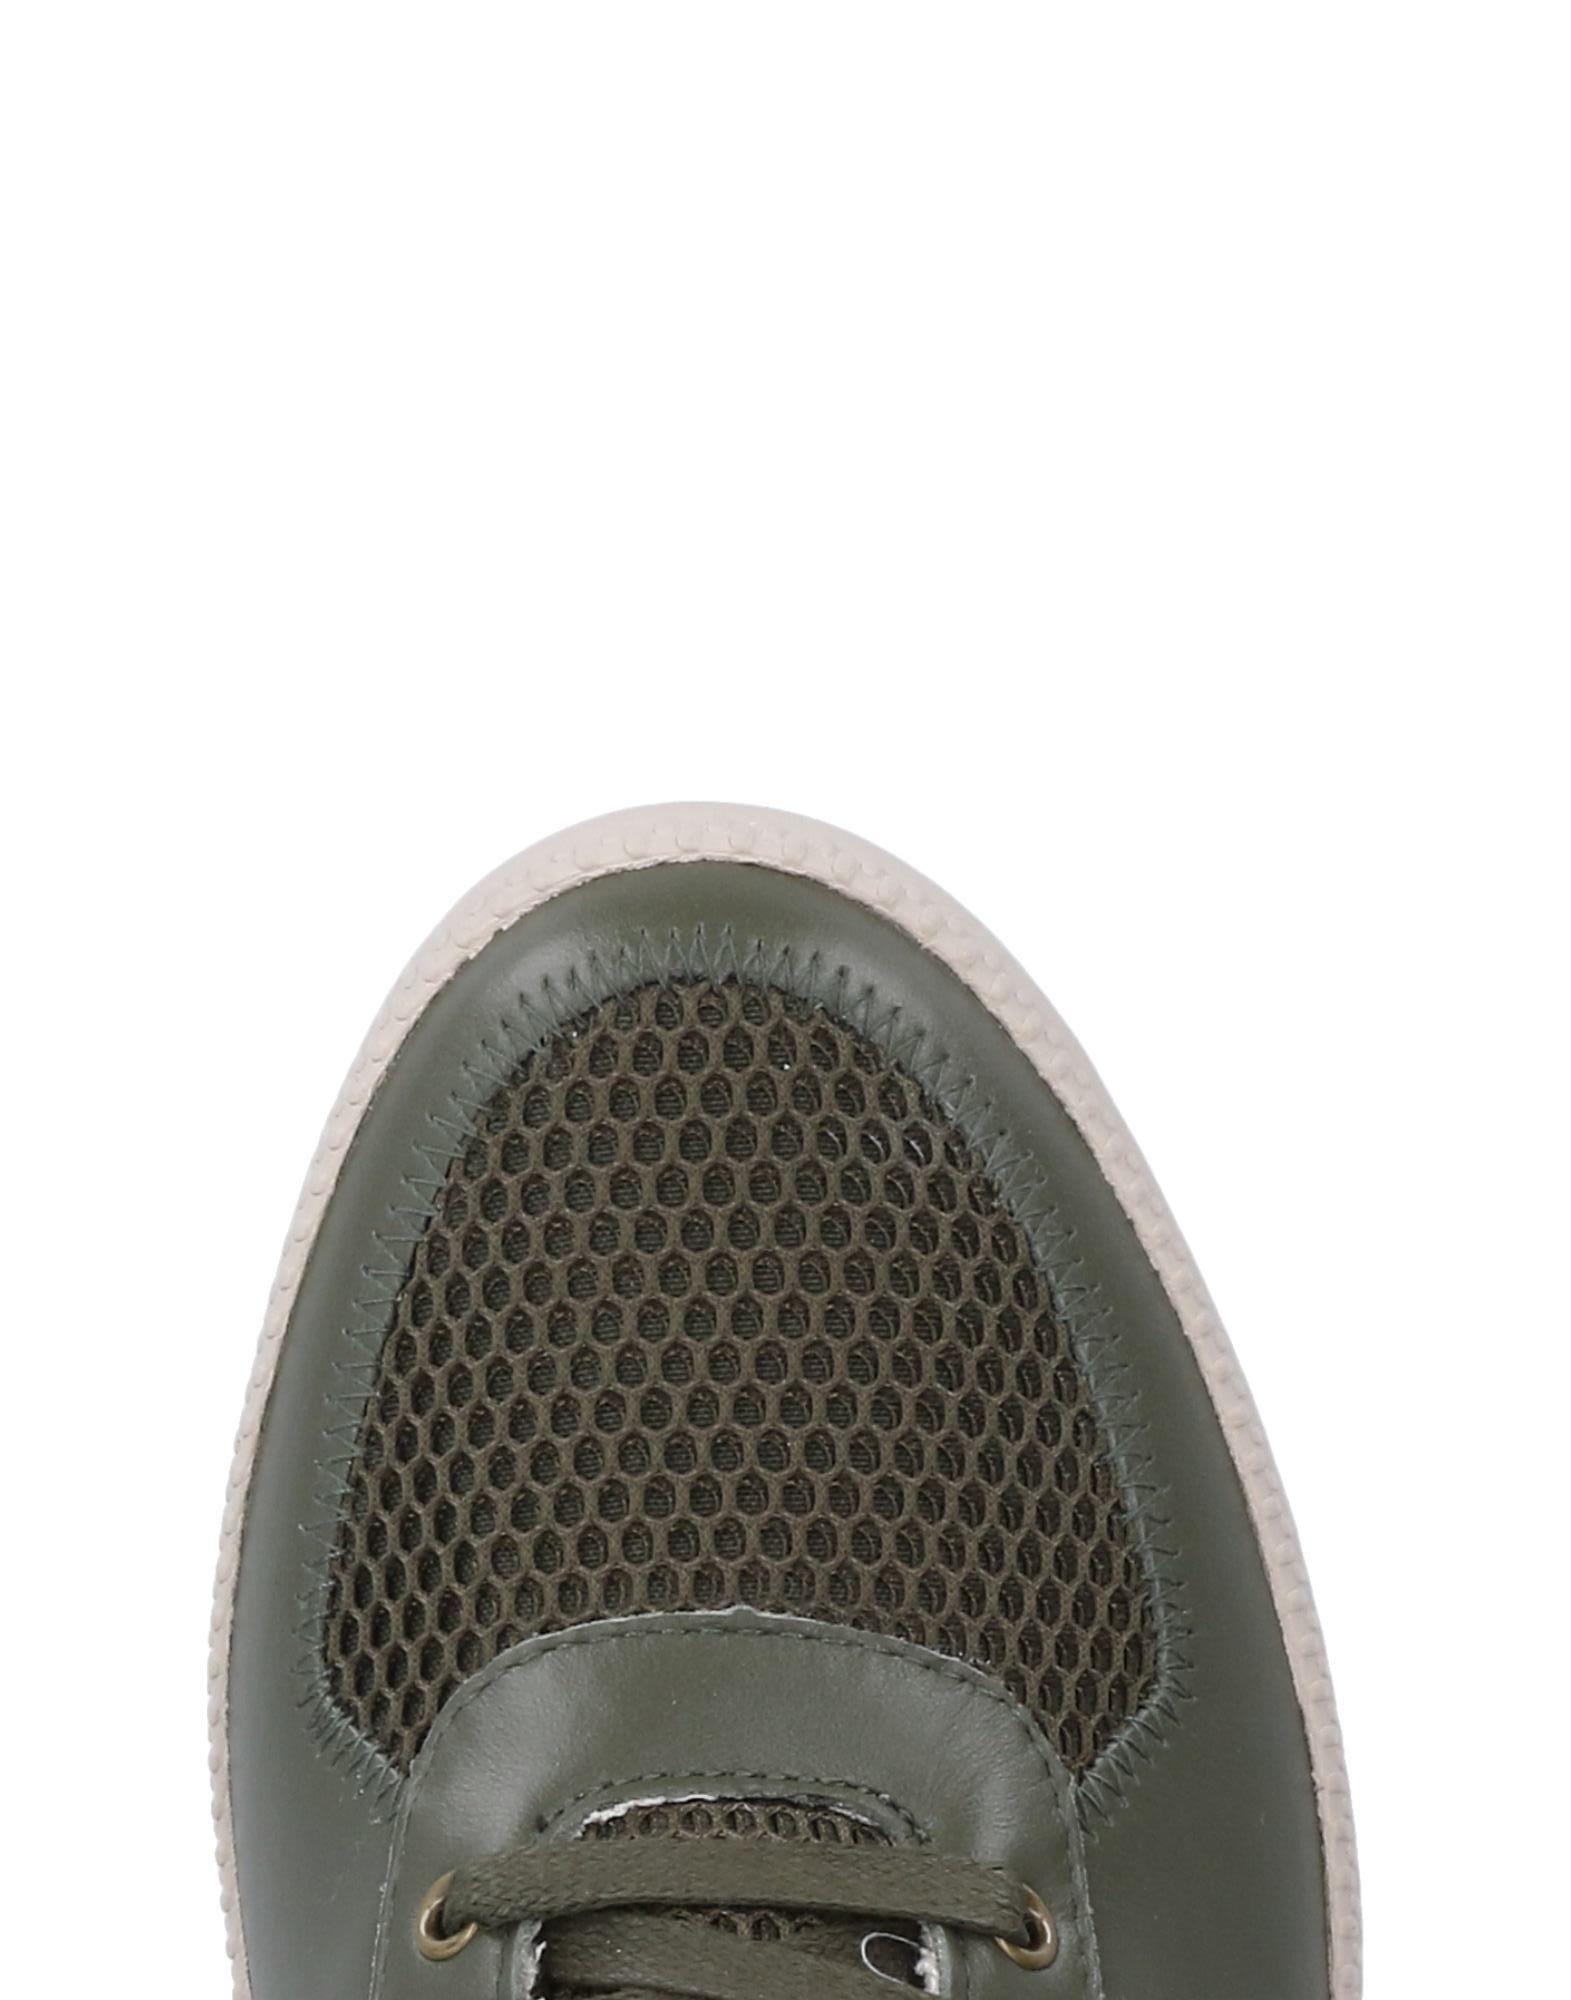 Rabatt echte Sneakers Schuhe Diesel Sneakers echte Herren  11511730XE 2817d8